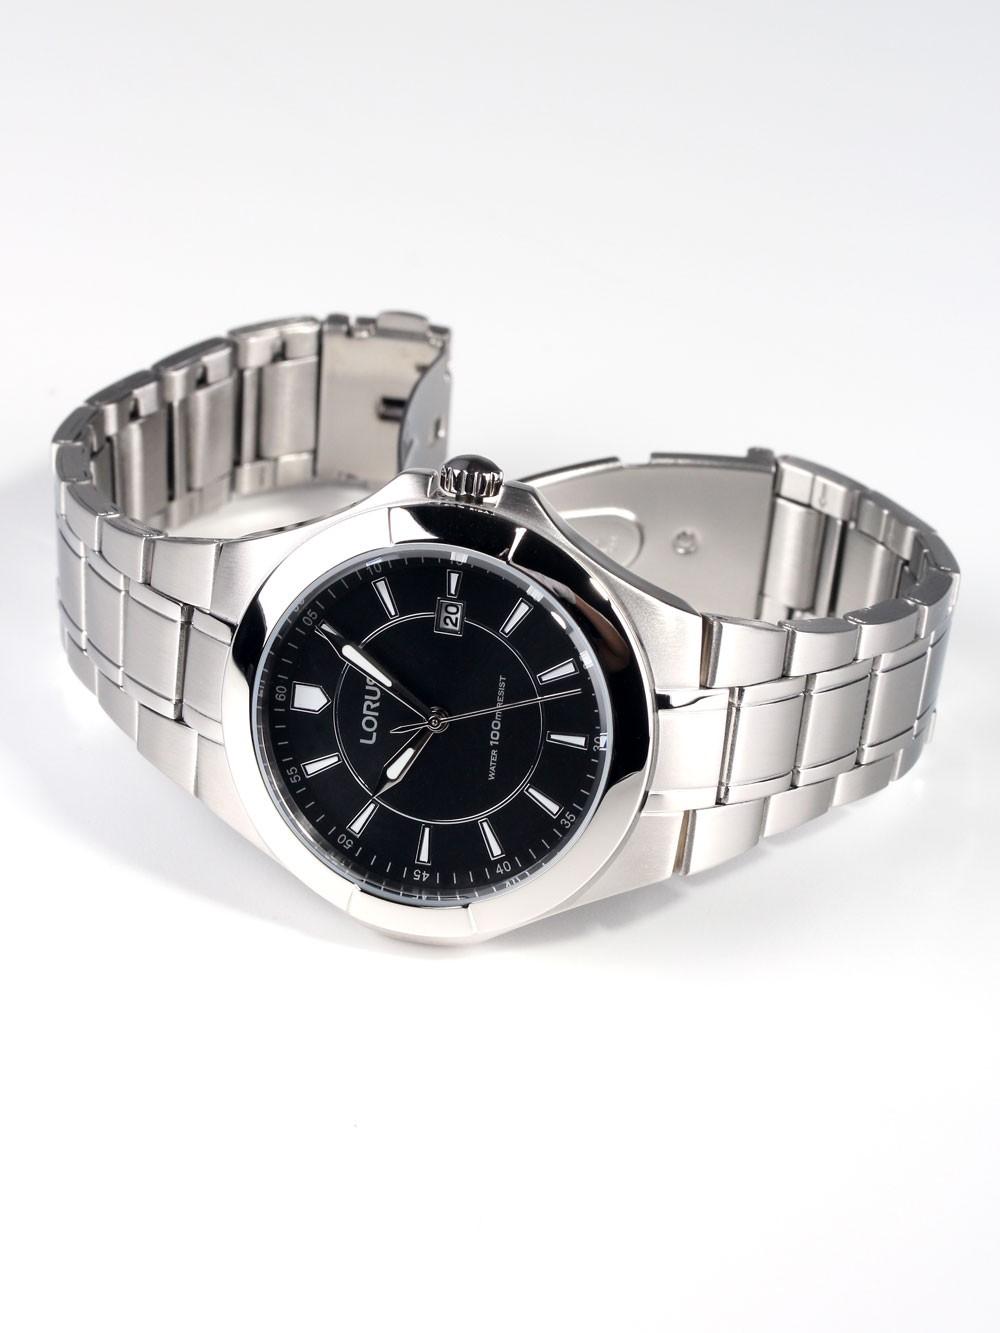 watches chrono12 lorus rh941ex9 sport herrenuhr silber. Black Bedroom Furniture Sets. Home Design Ideas